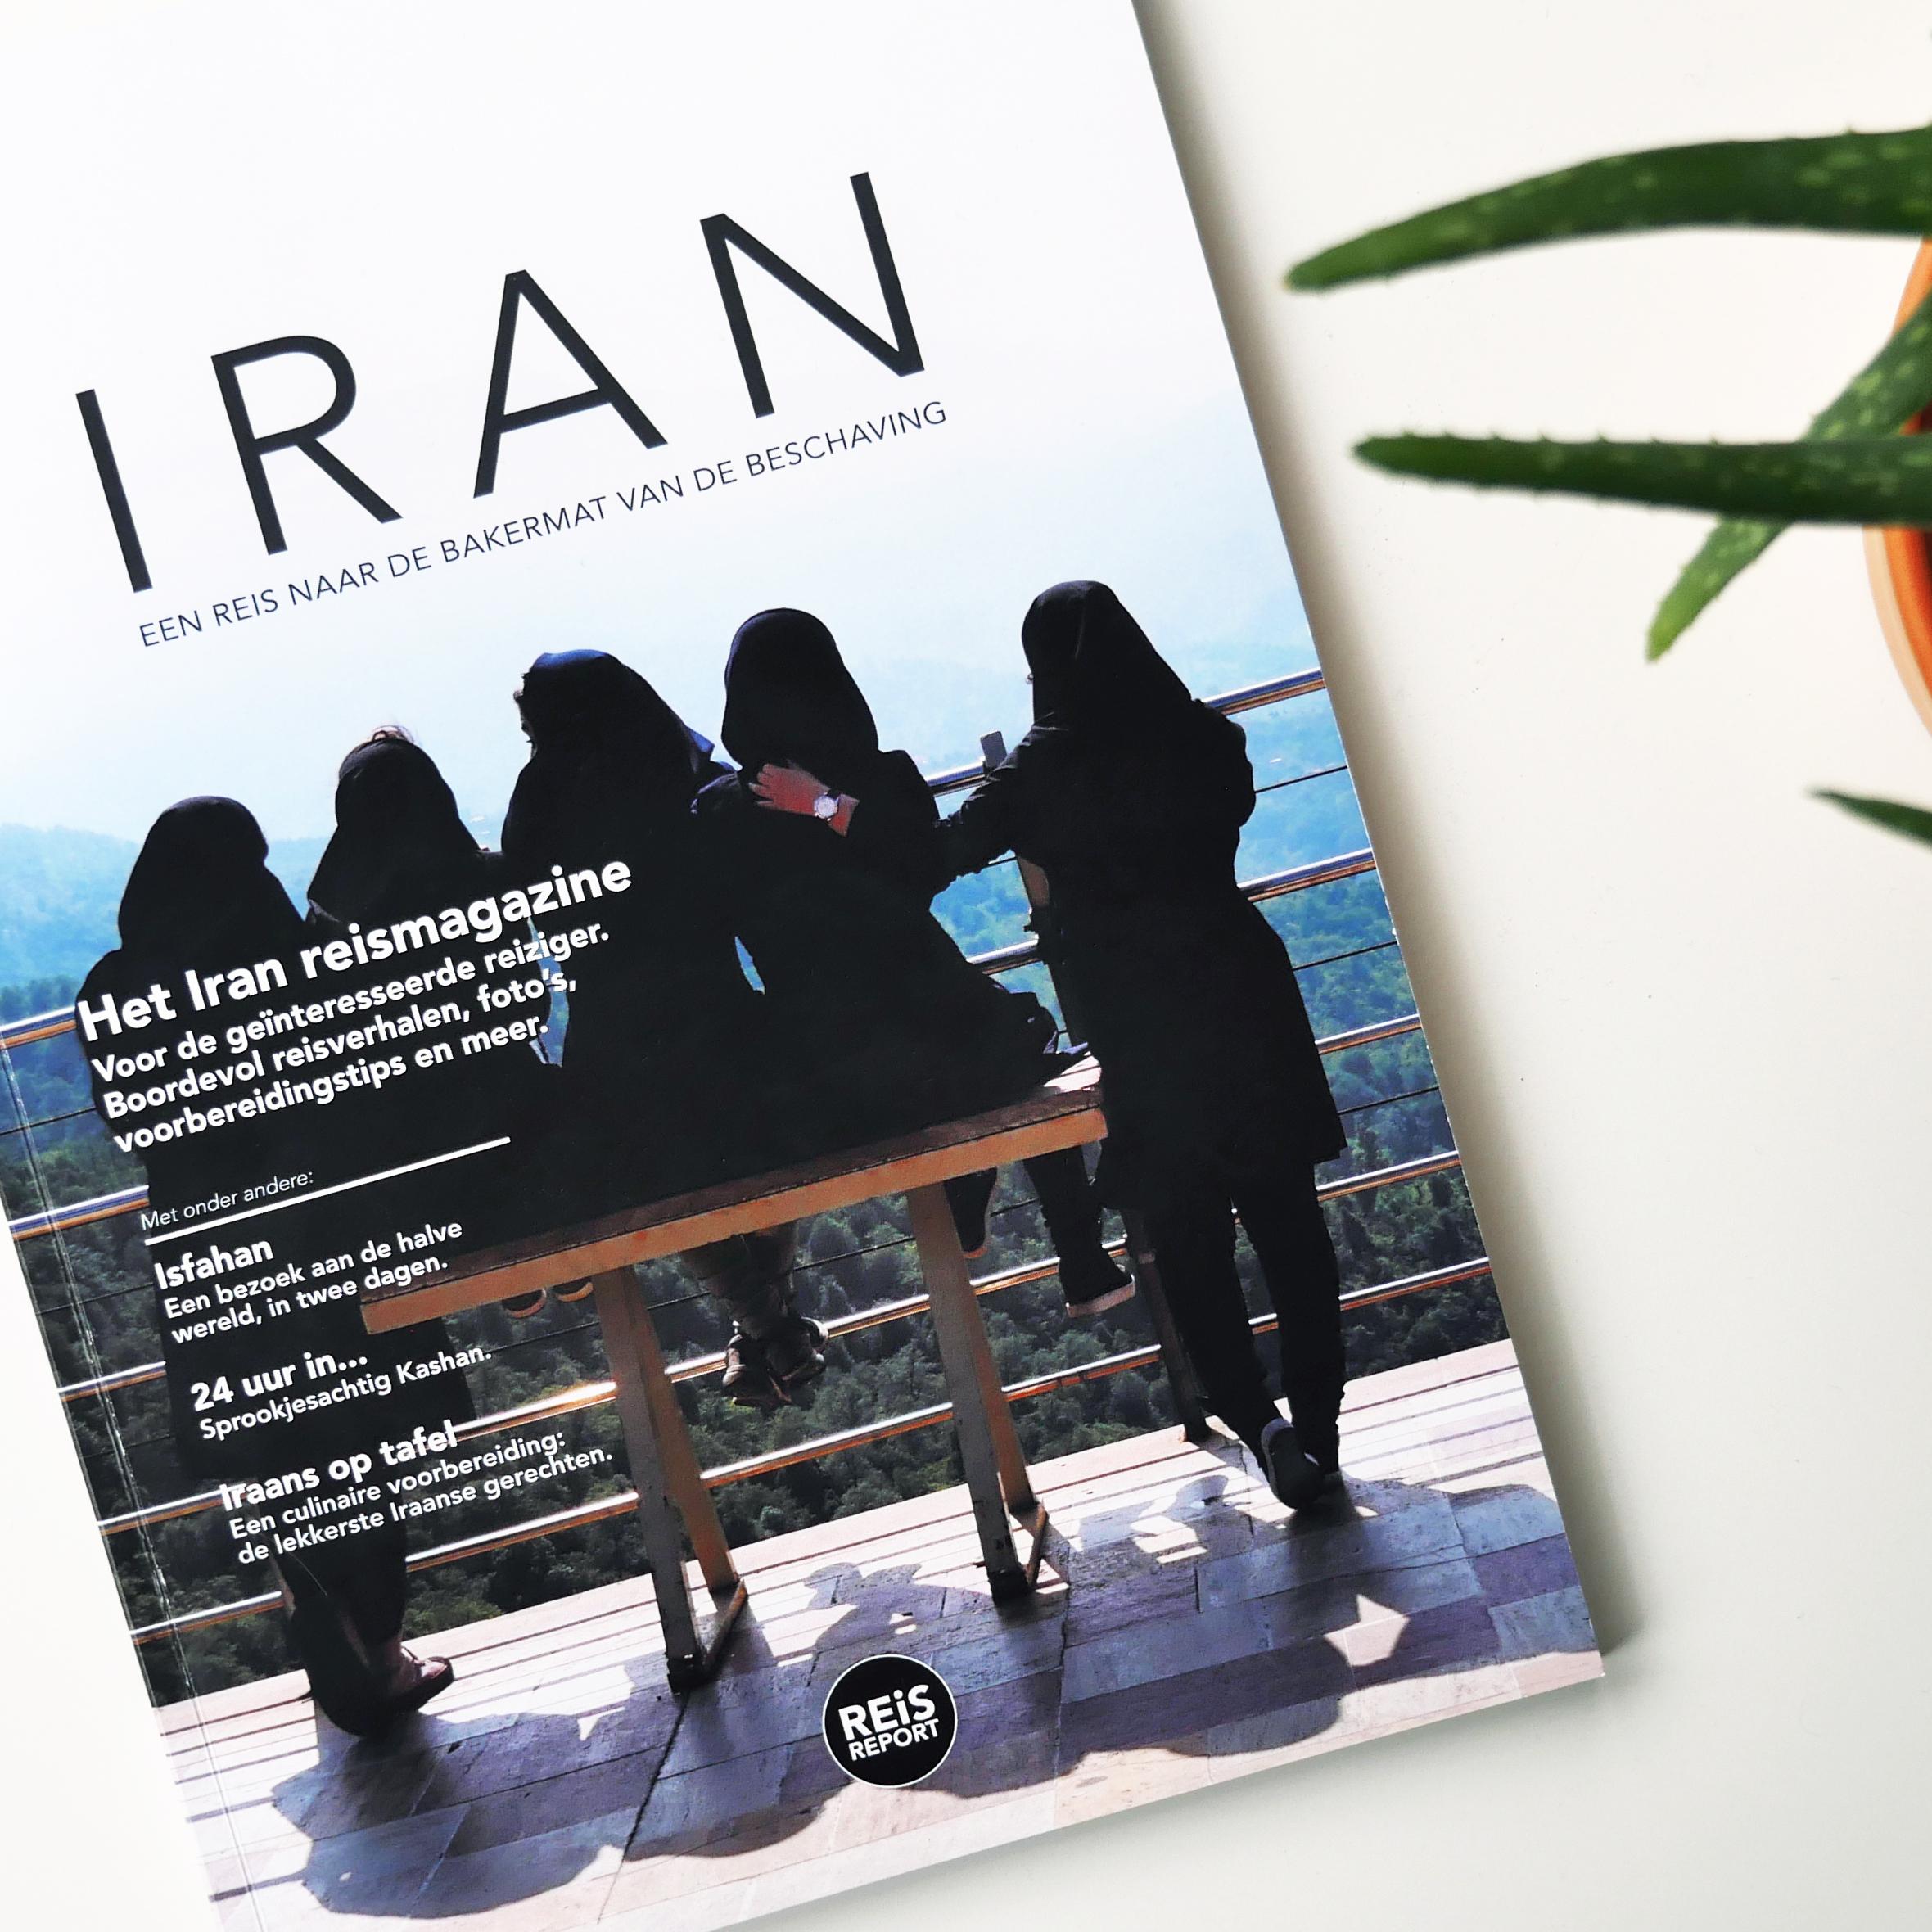 iran reisgids magazine